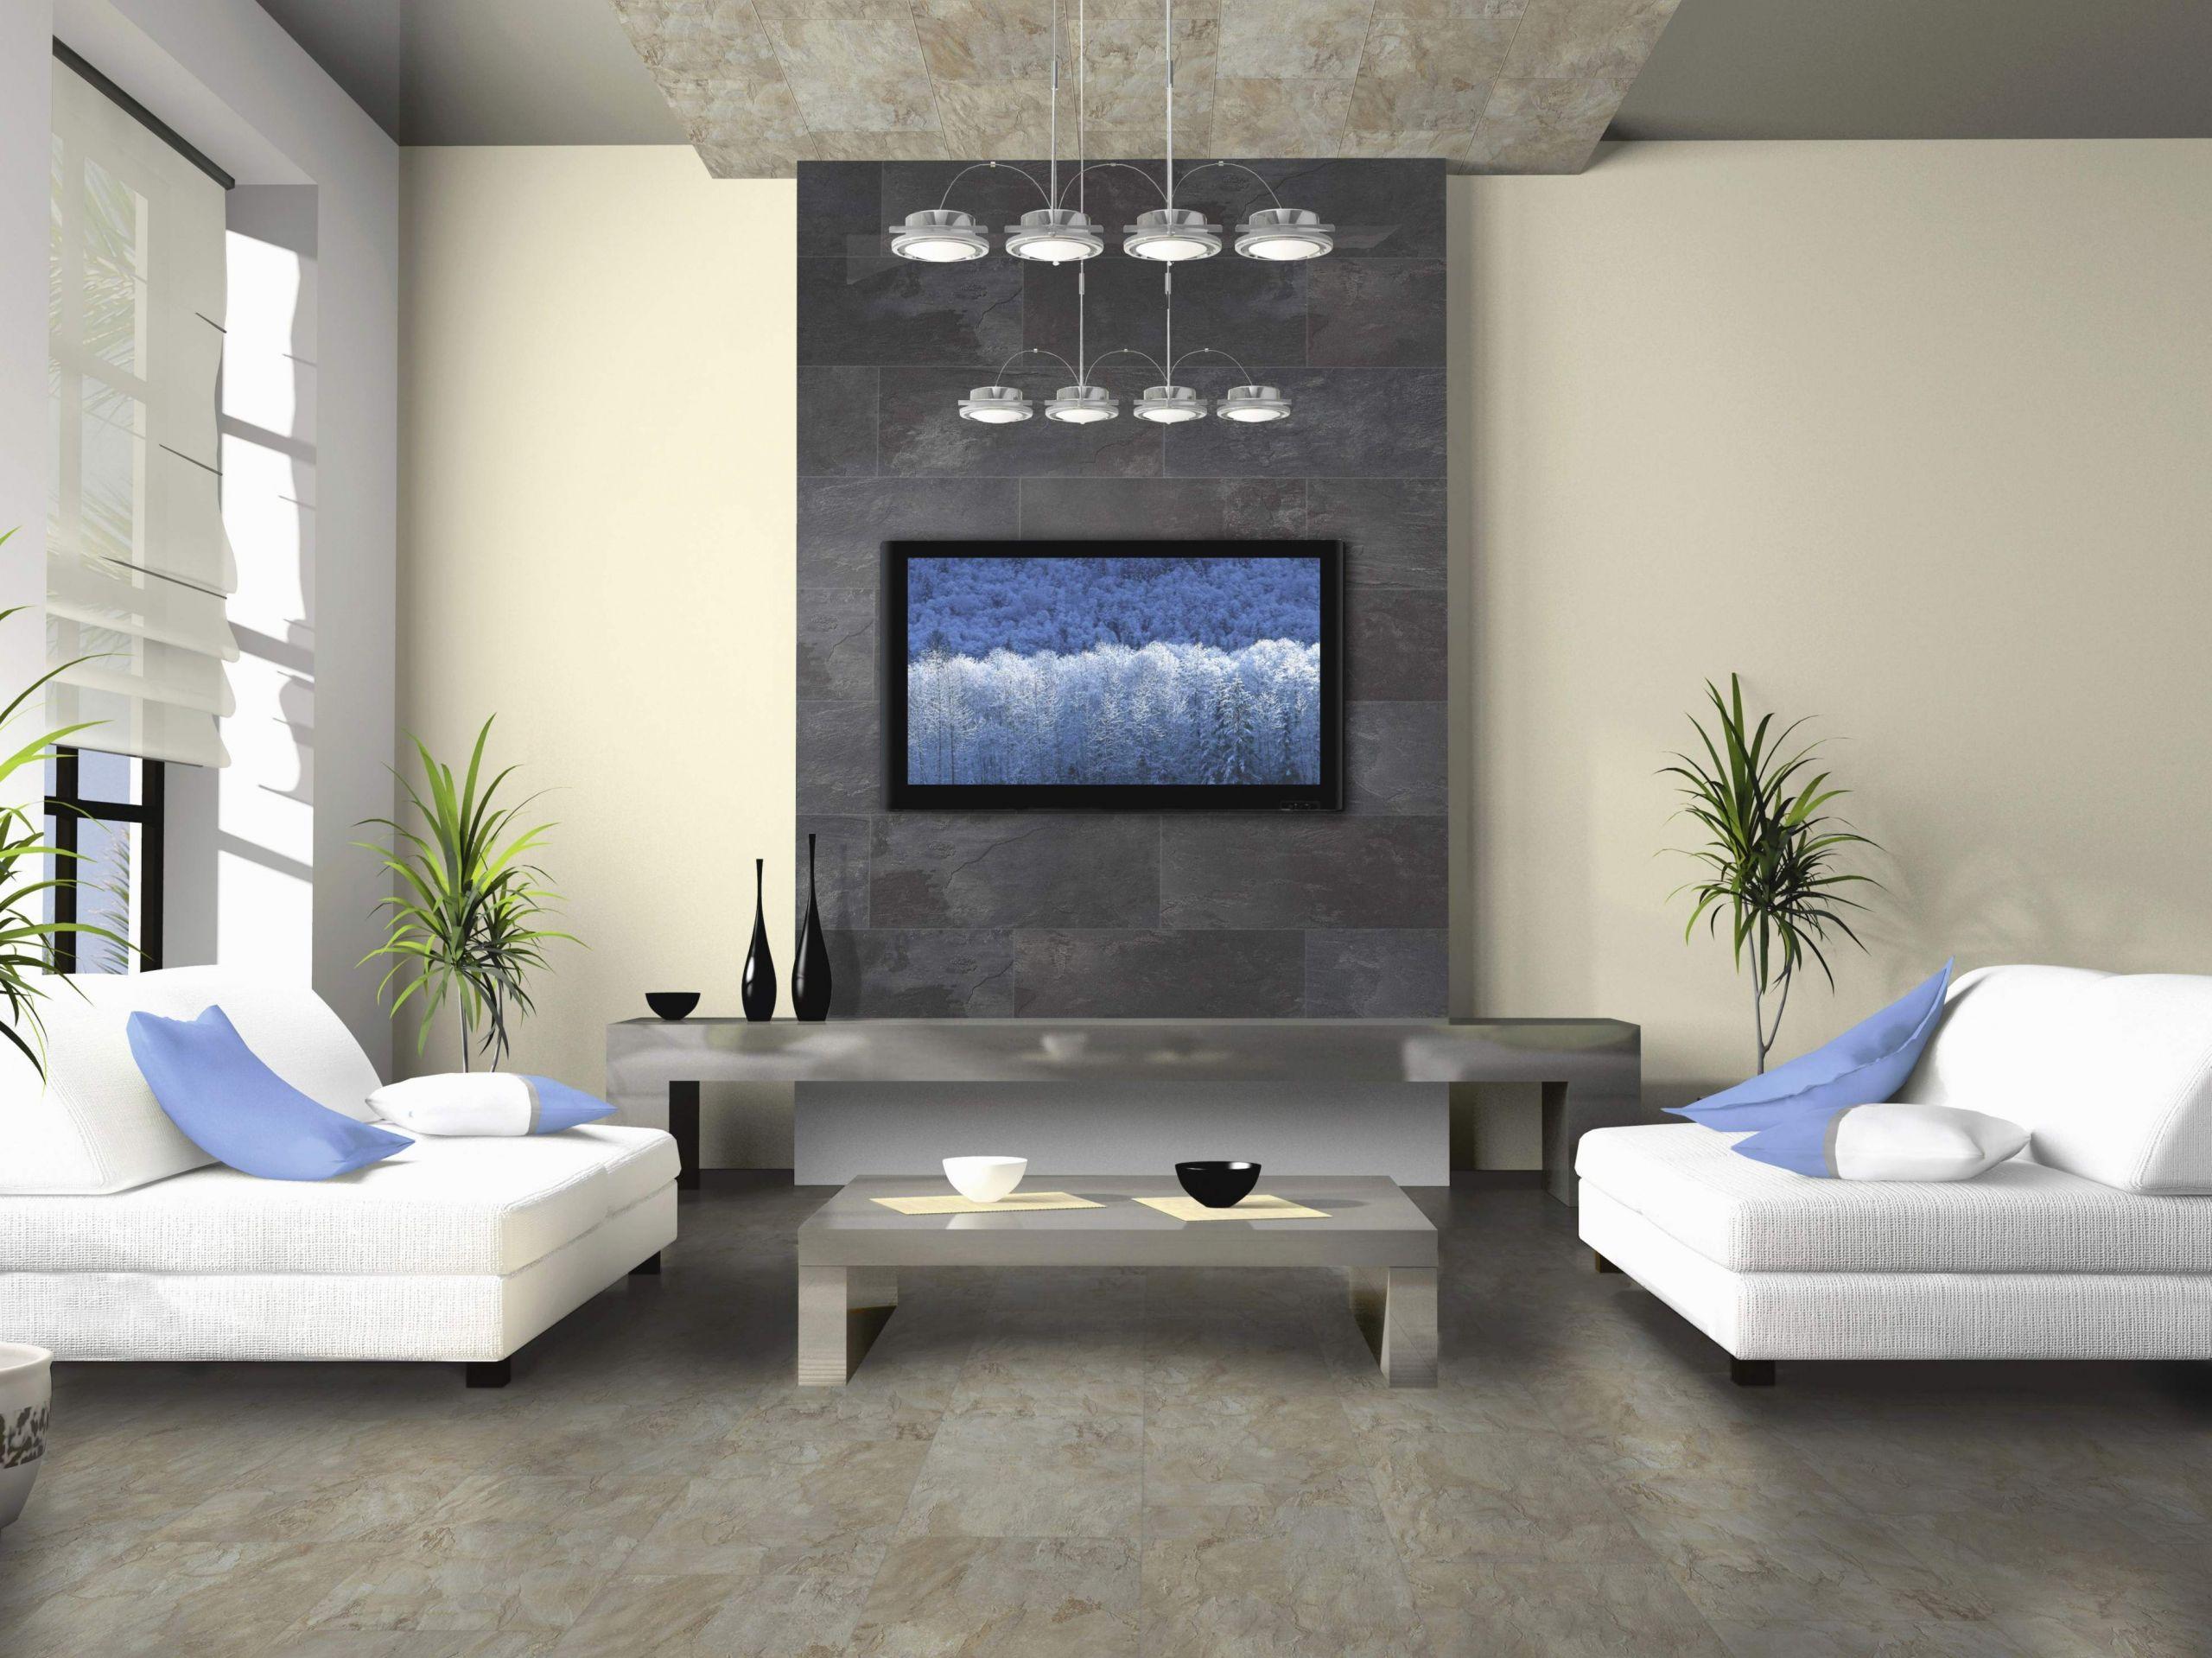 dekoration wohnzimmer ideen neu deko wohnzimmer neu dekoration wohnzimmer reizend wohnzimmer of dekoration wohnzimmer ideen scaled